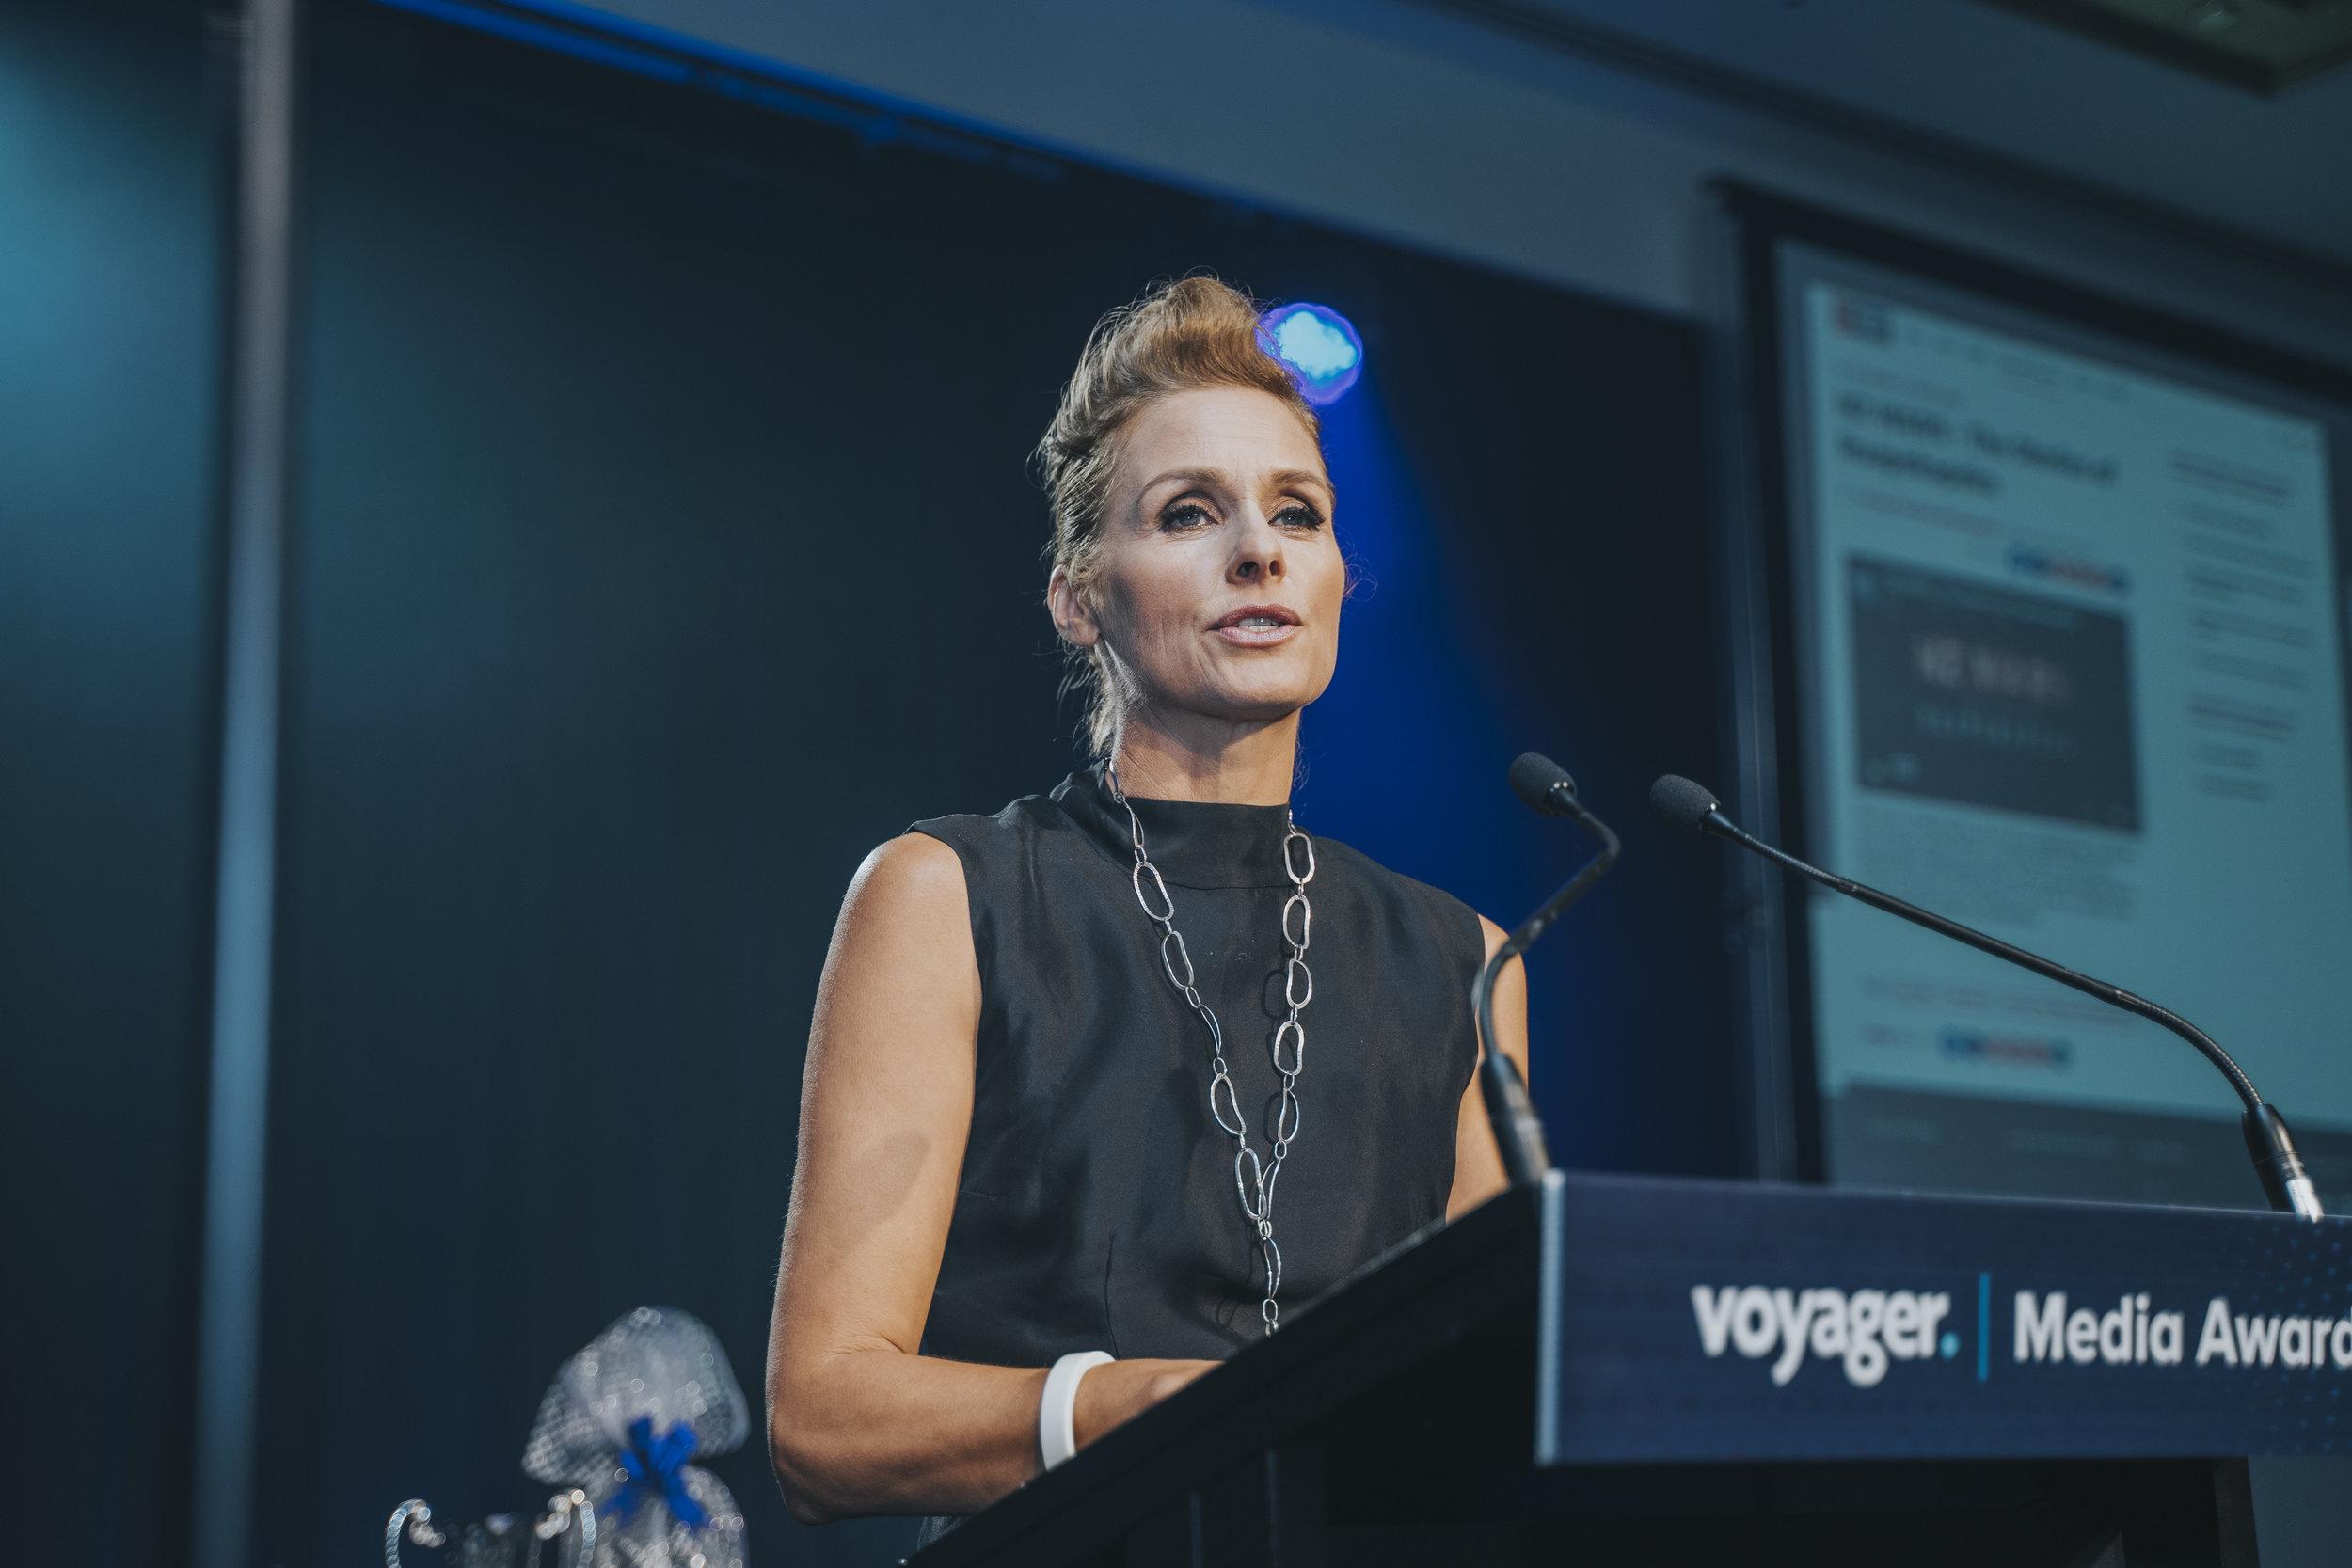 Voyager Media Awards 2018-284.JPG